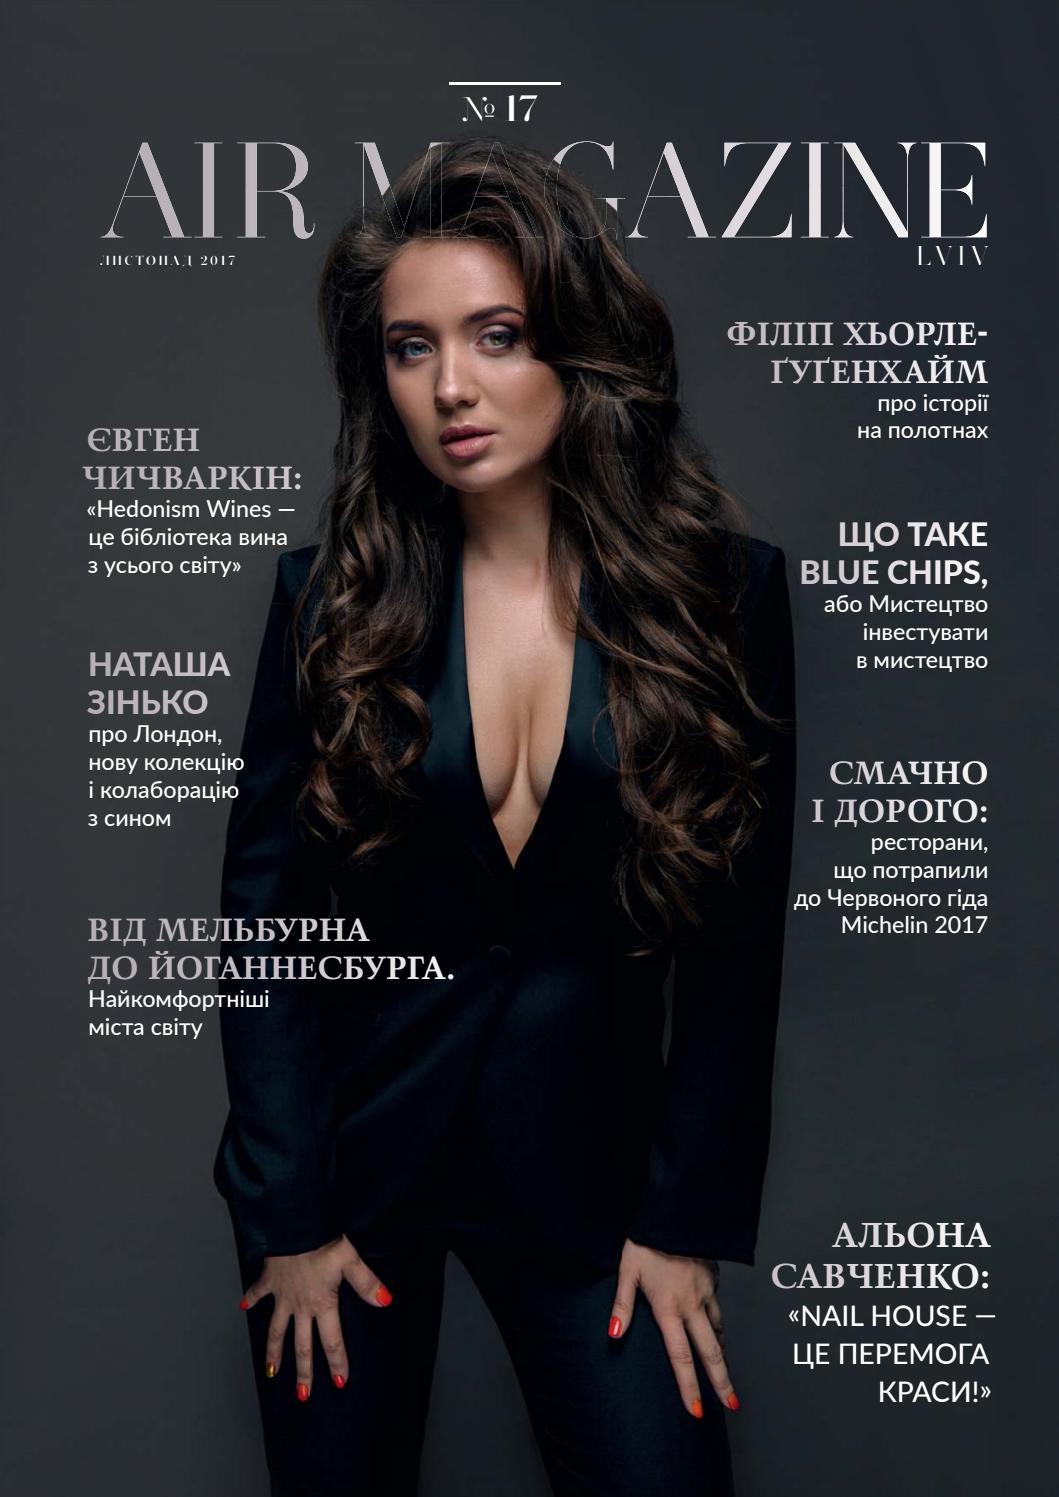 Air magazine lviv 01 17 web by AIR MAGAZINE LVIV - issuu 4a491df6636d7